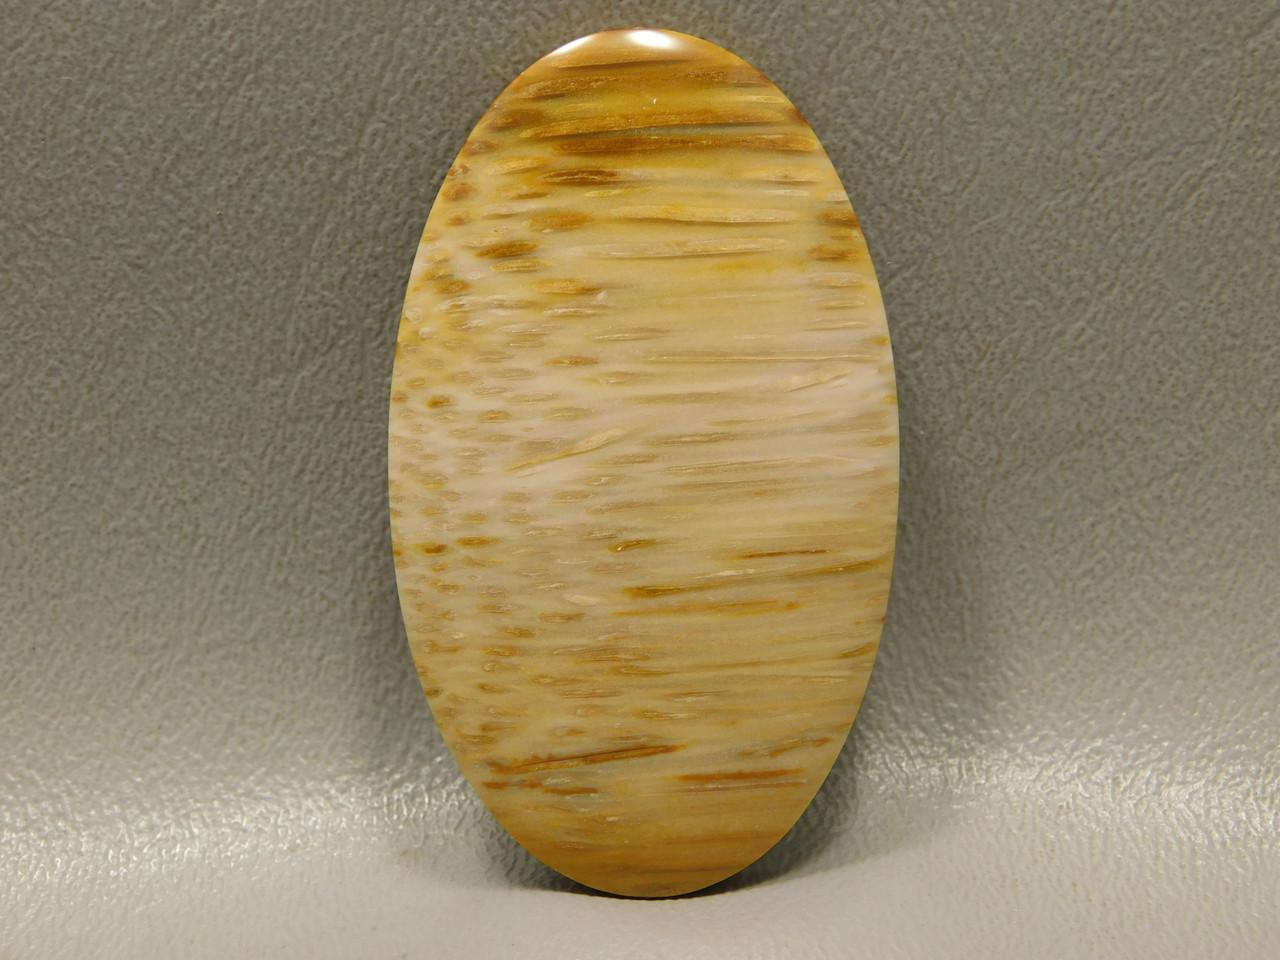 Petrified Palm Wood Large Oval Straw Pattern Cabochon Gemstone #14